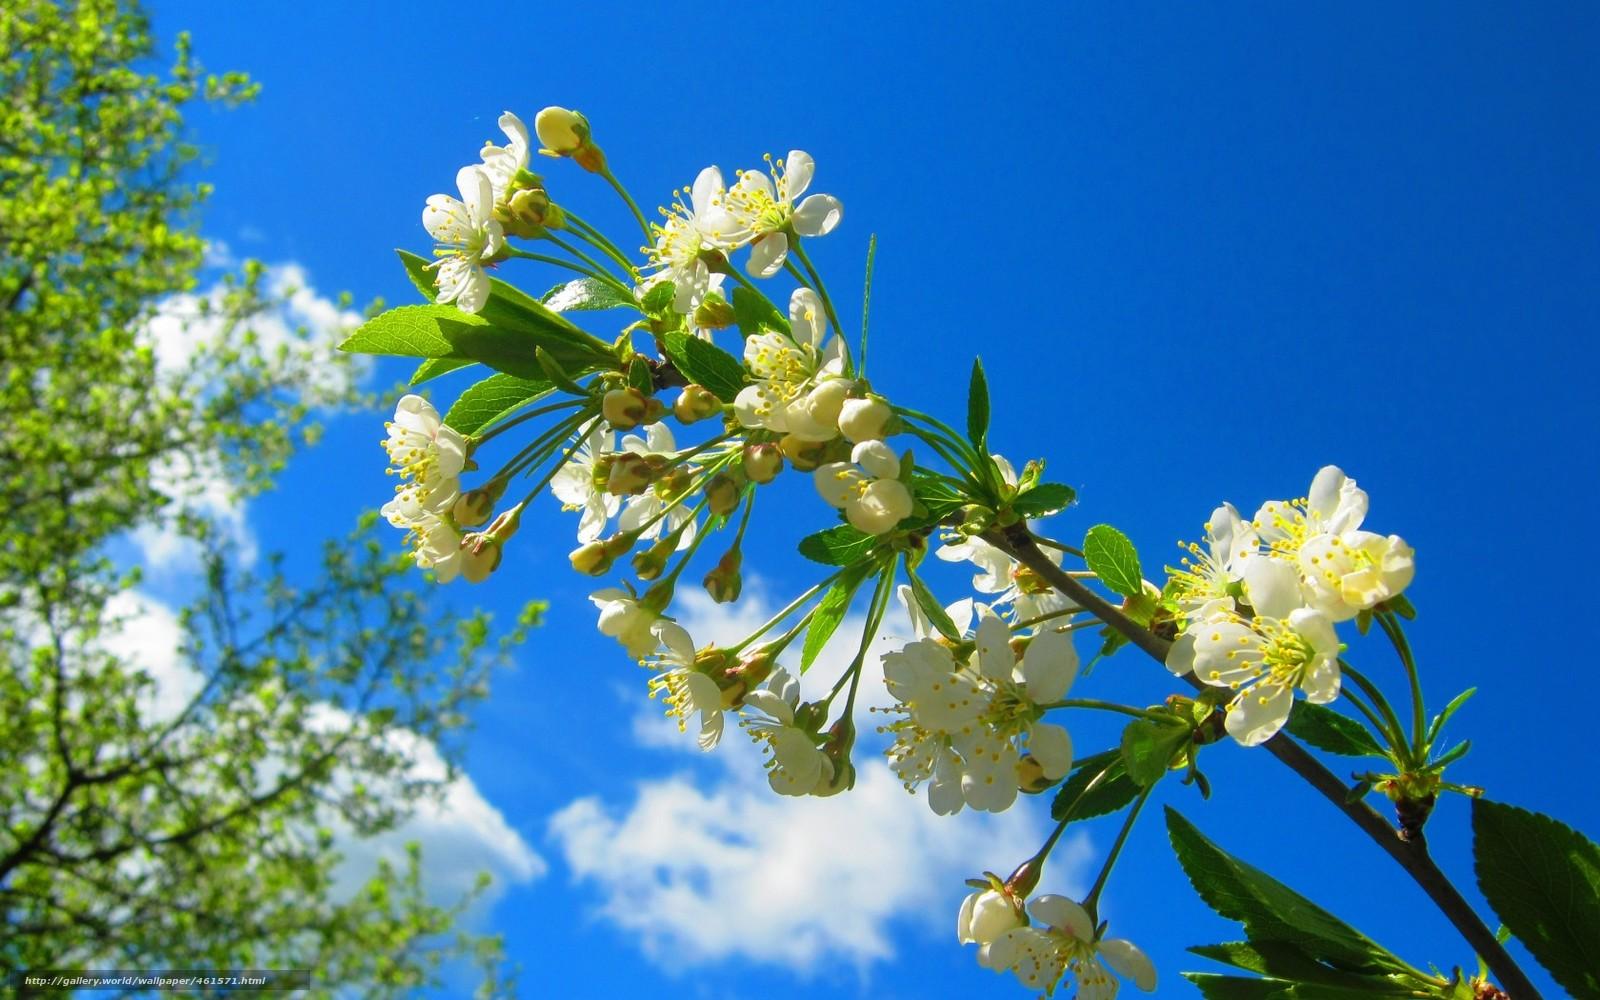 Scaricare gli sfondi primavera ramo ciliegia fiorire for Sfondi desktop primavera